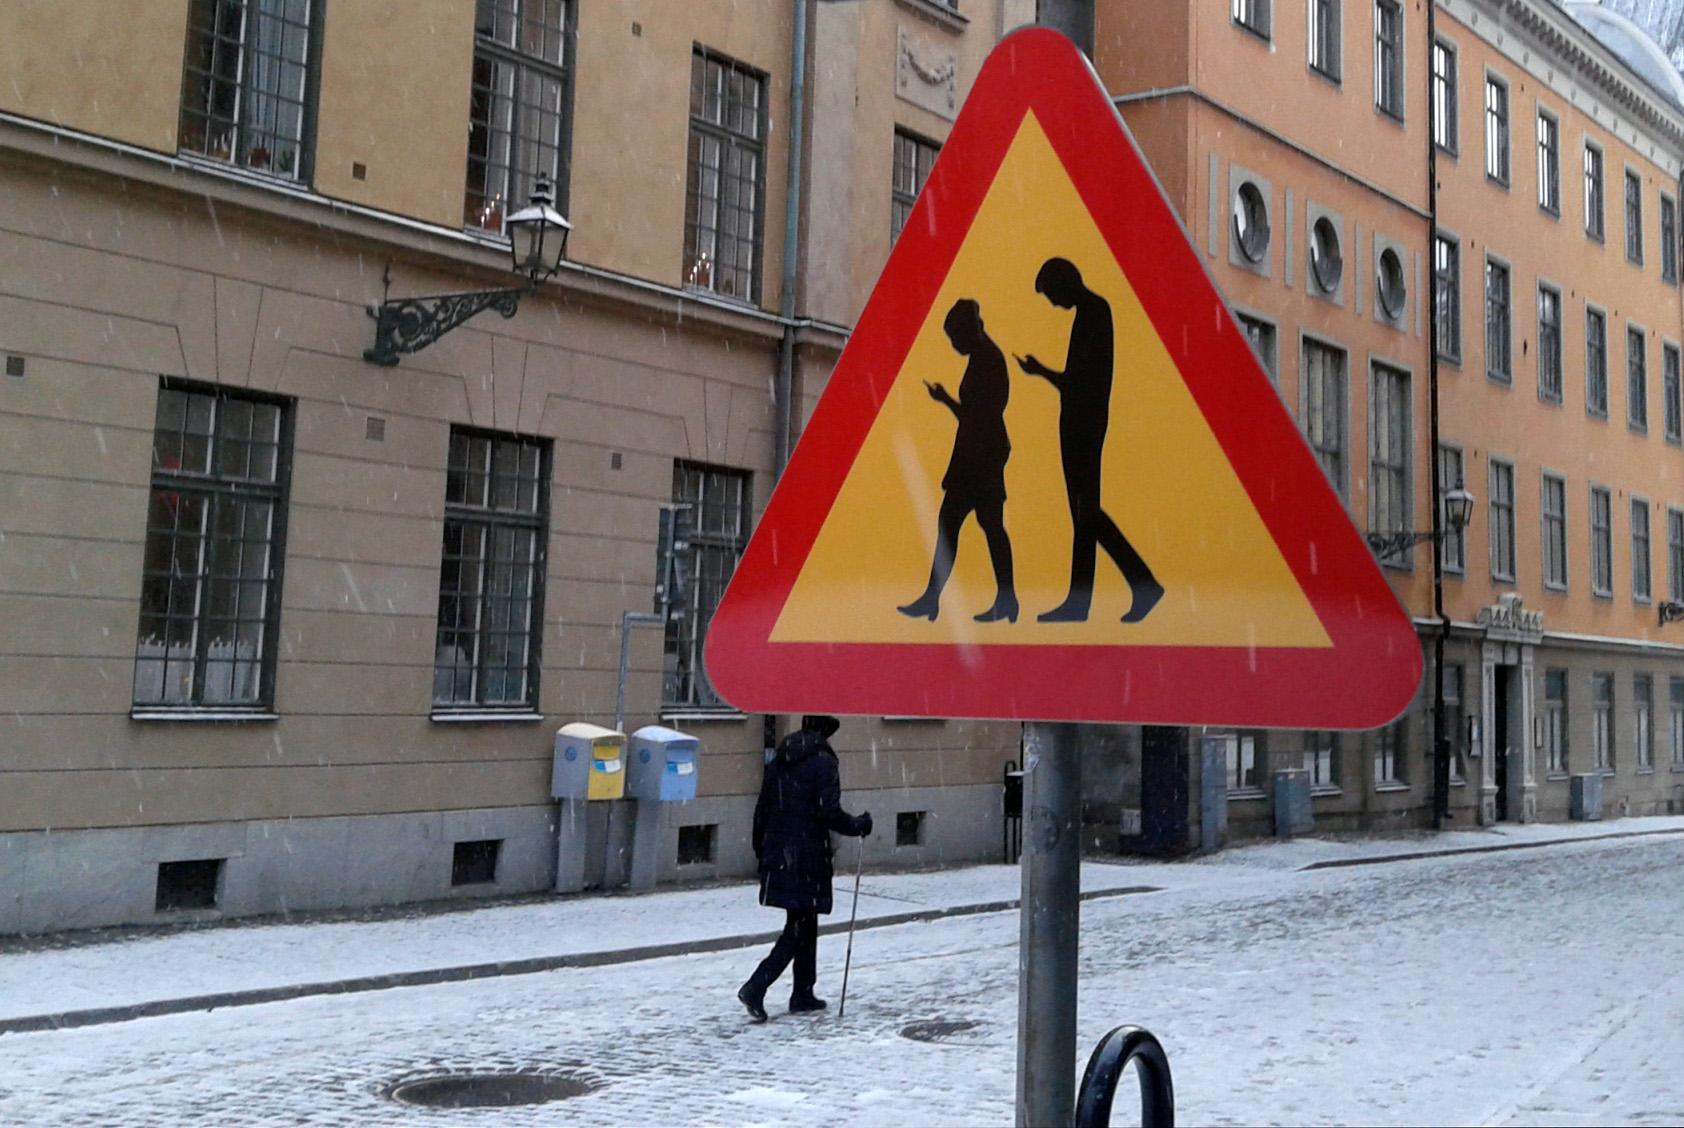 Пешеходам хотят запретить переходить дорогу с телефоном в руках